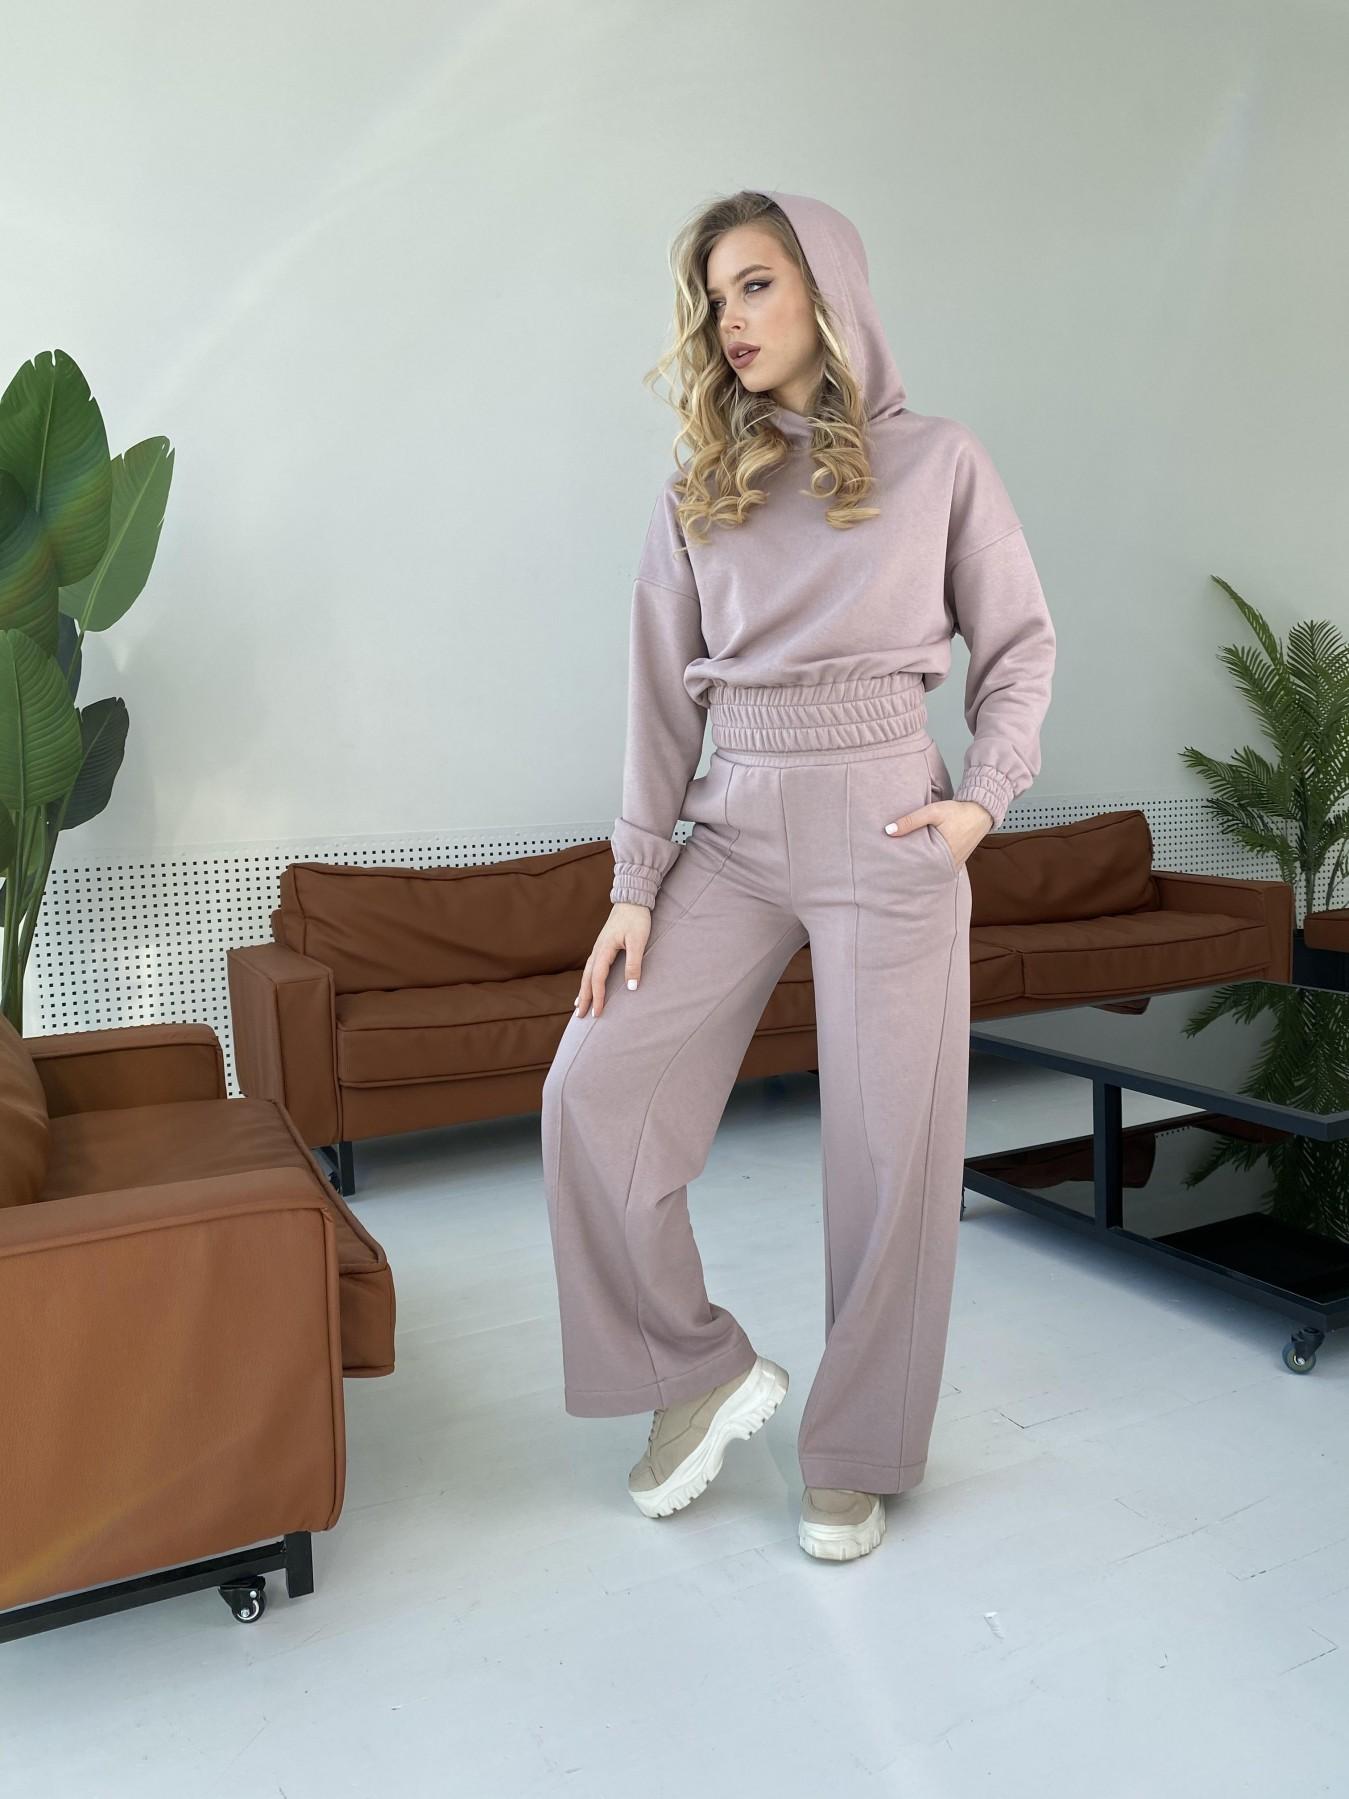 Бейби  прогулочный костюм из 3х нитки 10812 АРТ. 47278 Цвет: Кофе - фото 8, интернет магазин tm-modus.ru